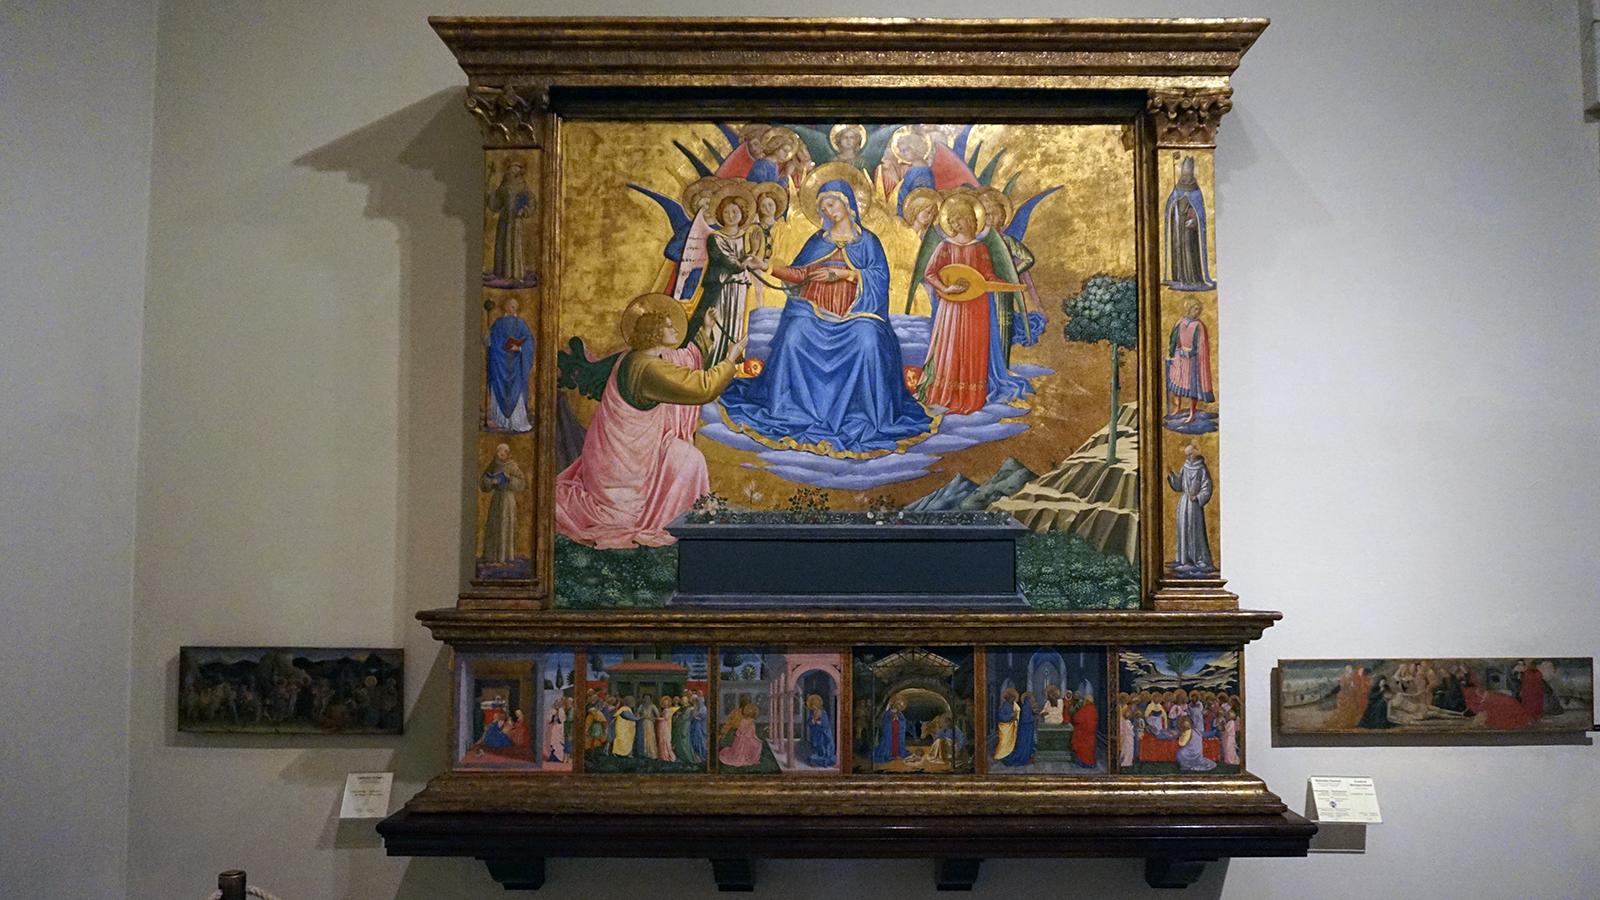 La Madonna della Cintola